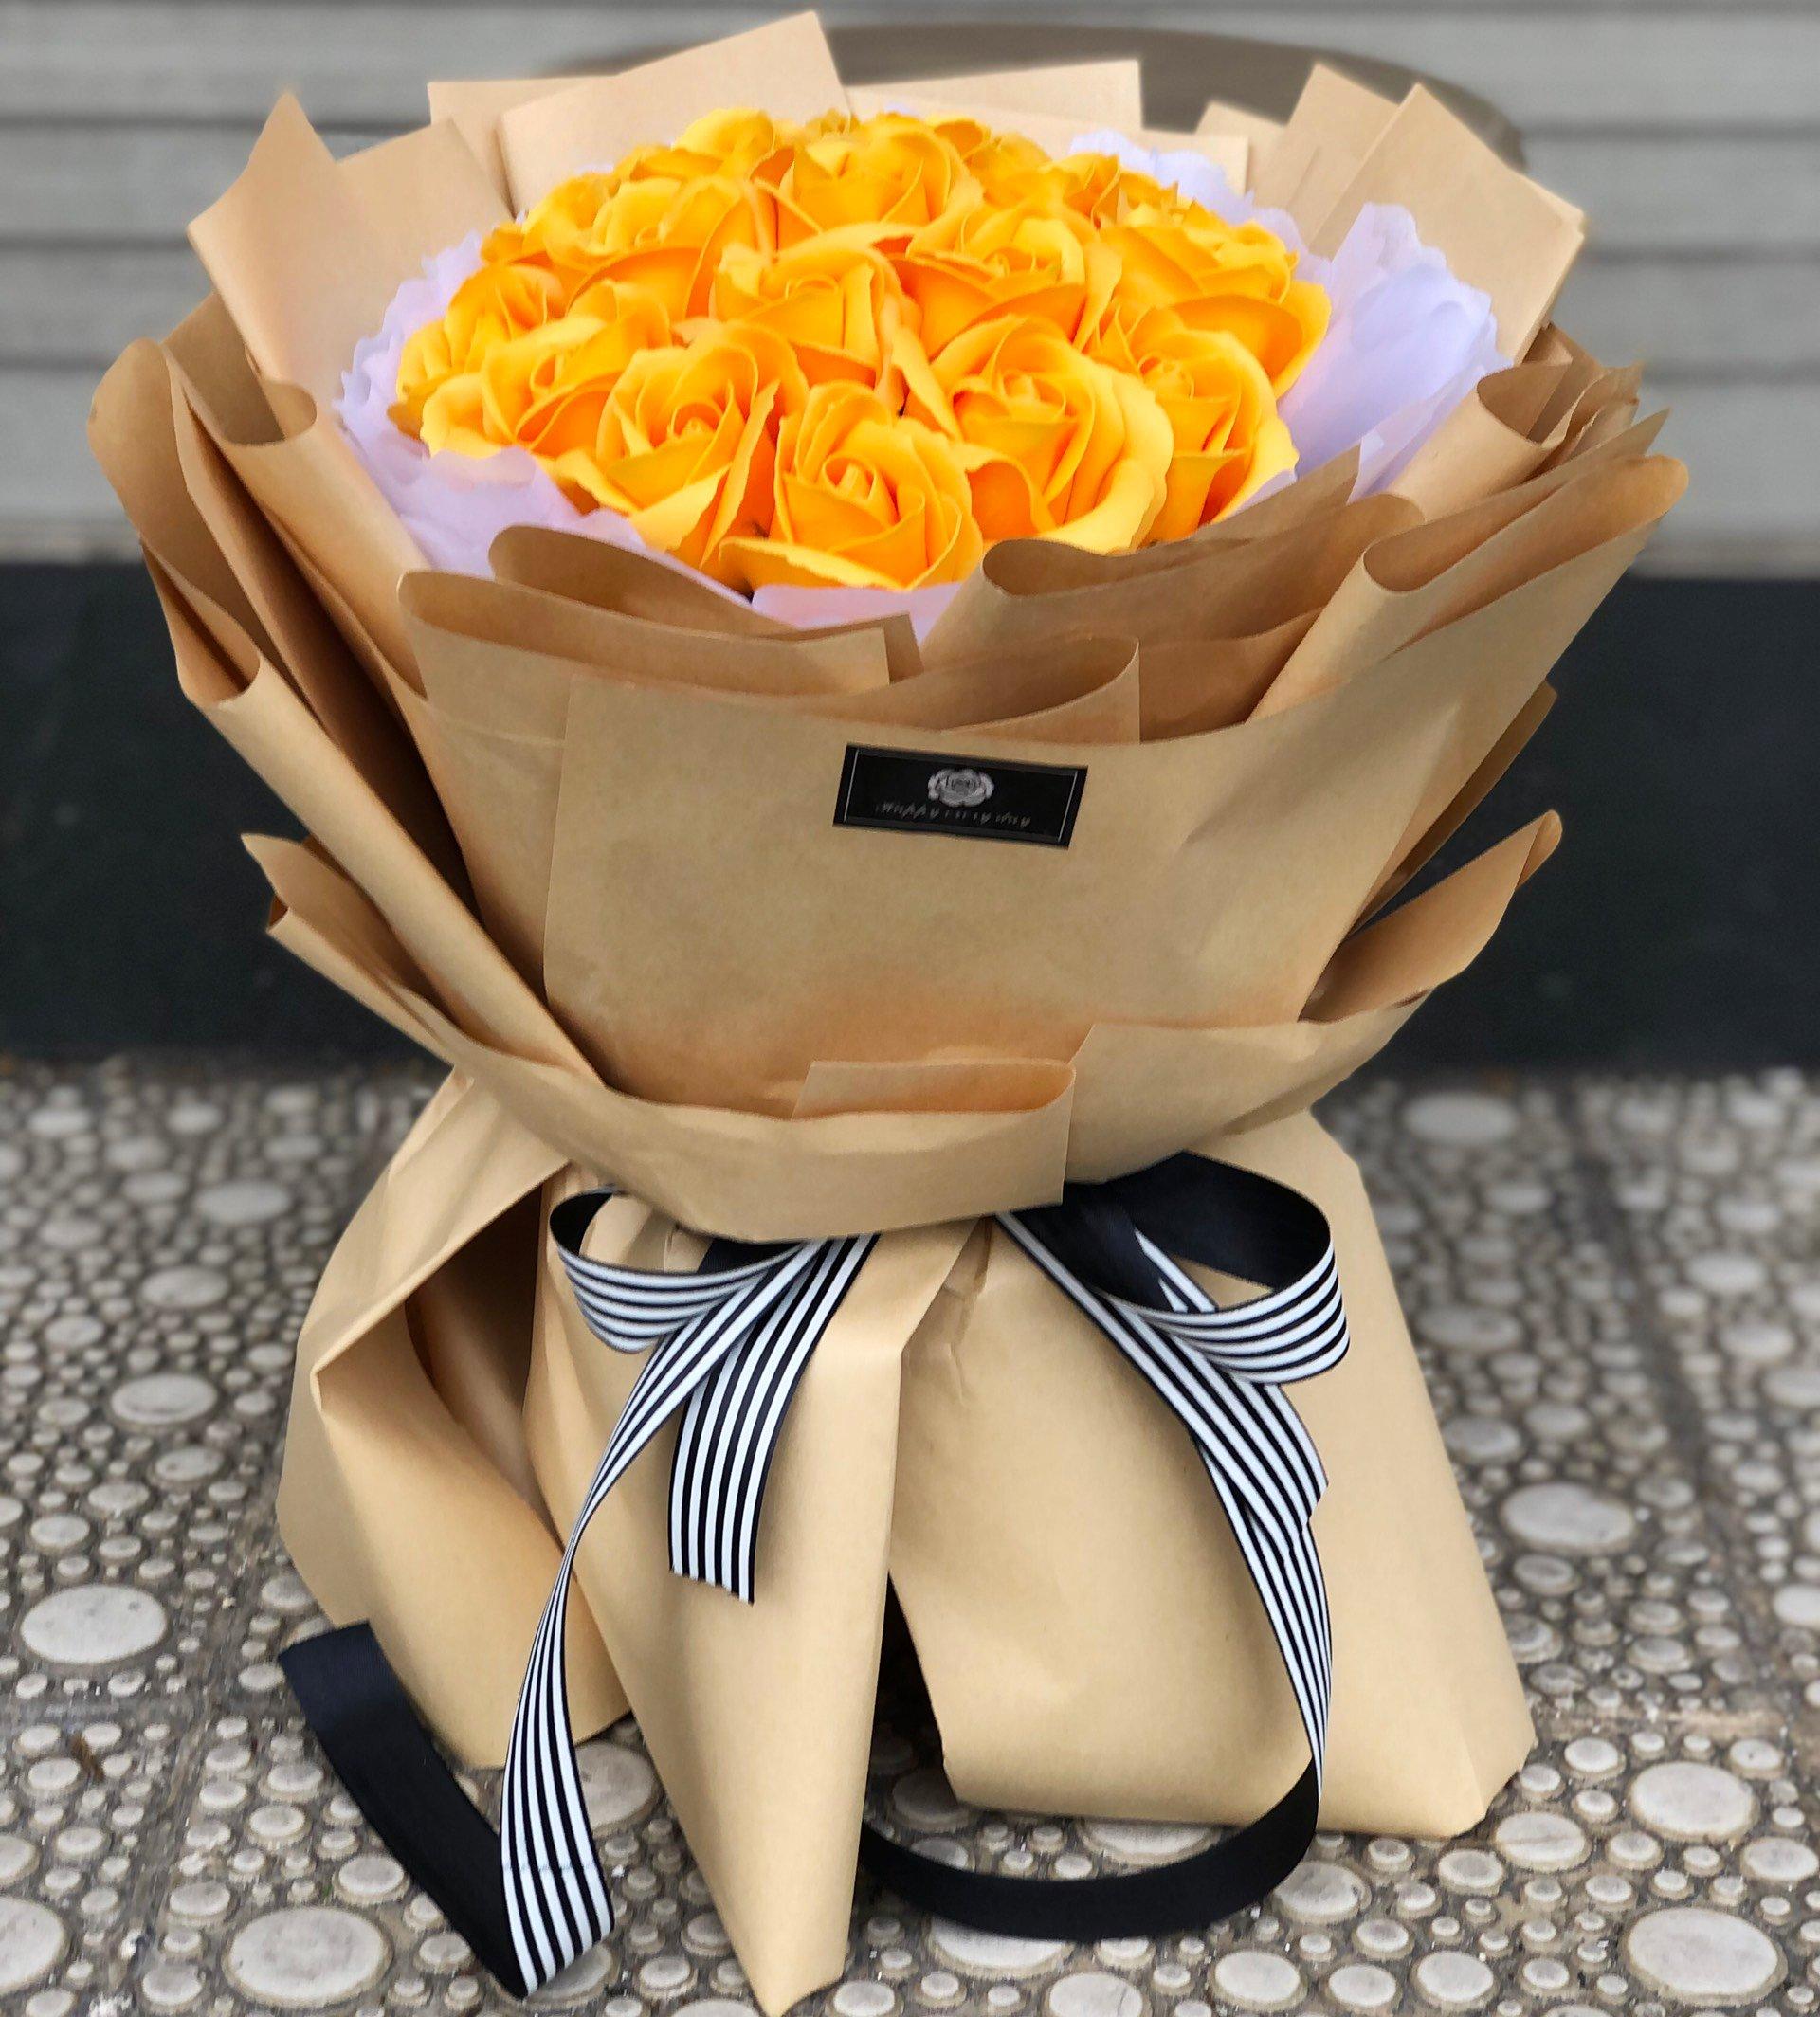 Bó hoa sáp vàng 20 bông